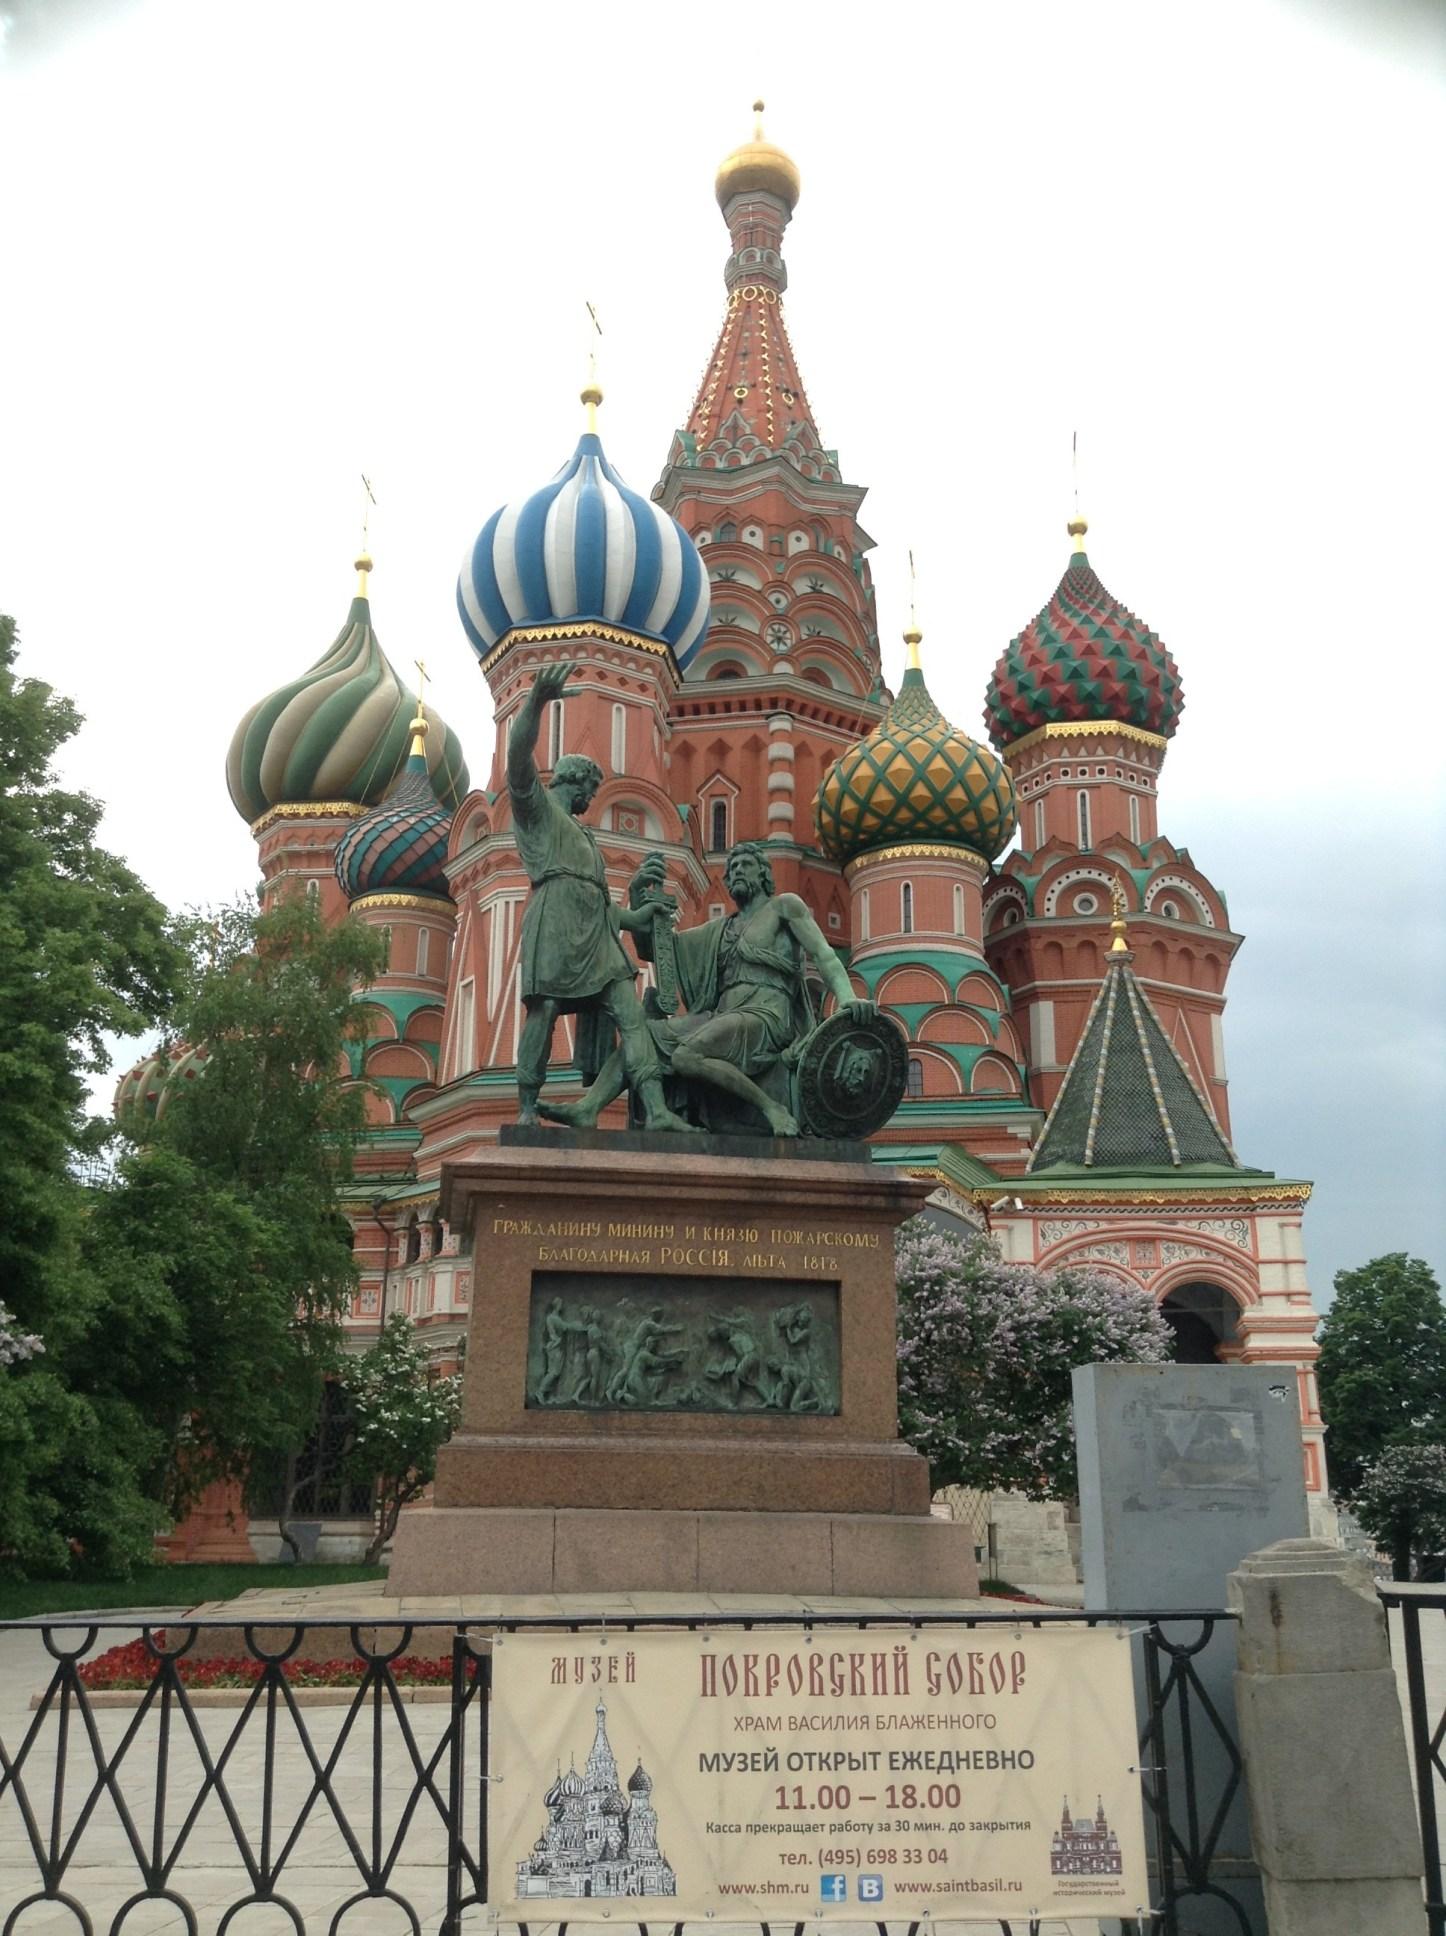 ロシア旅行記モスクワ観光 空港から市内へ移動、メトロポールホテルに到着